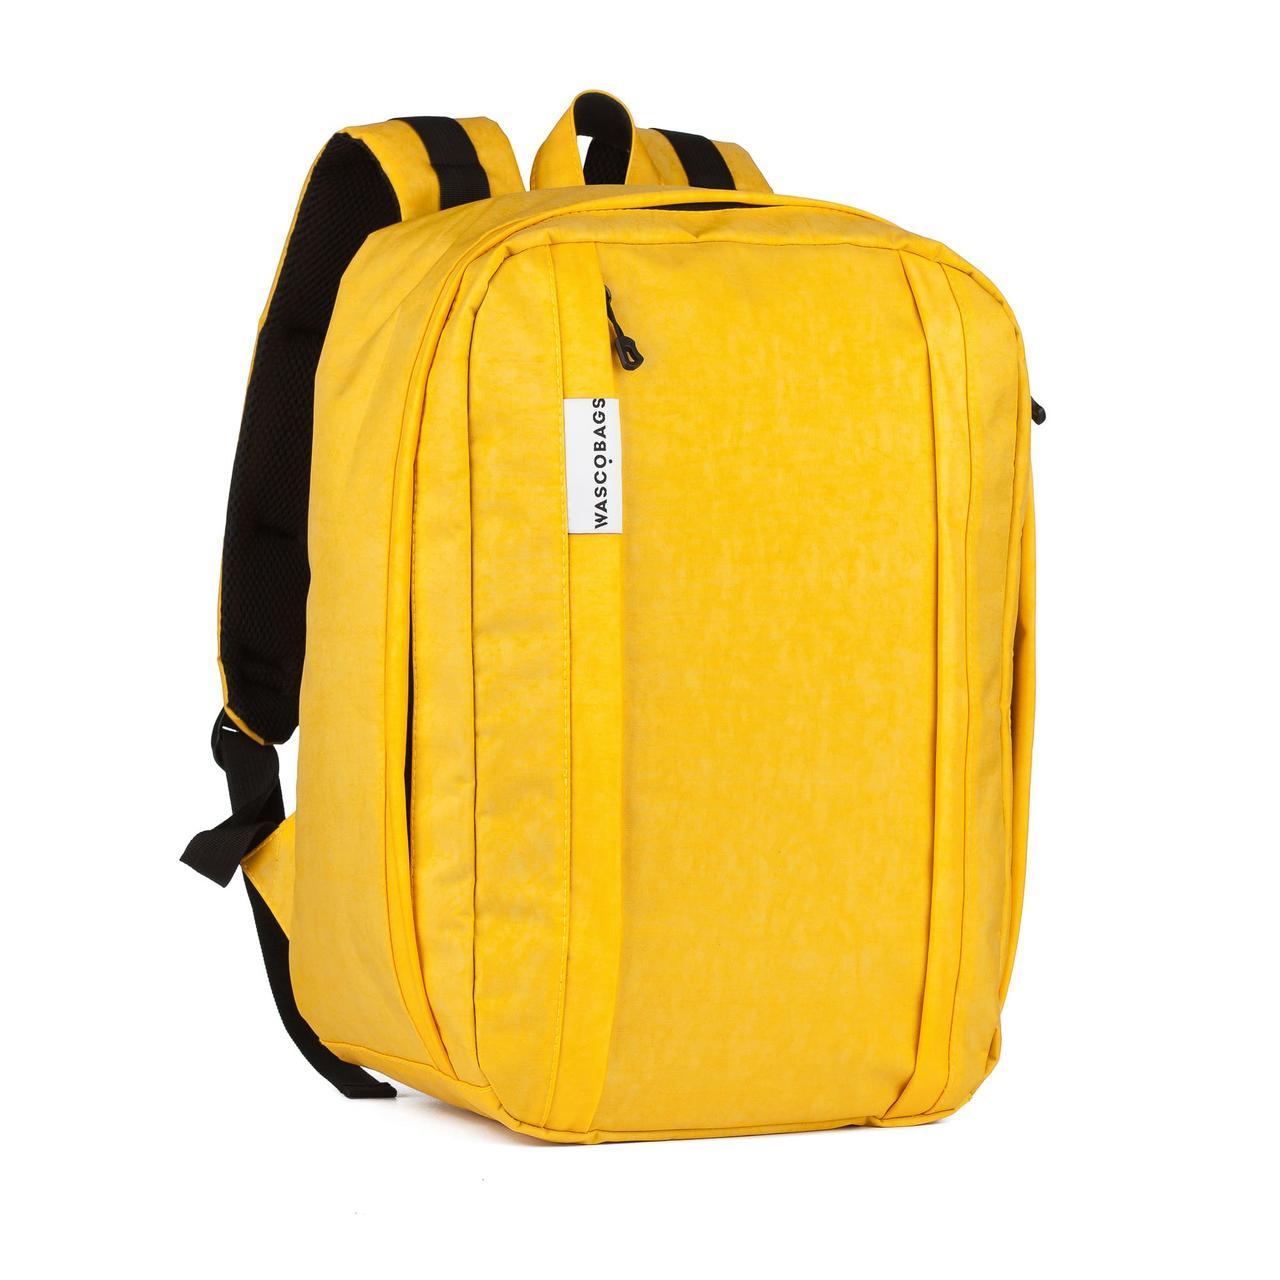 Рюкзак для ручной клади Wascobags 40x30x20 WZ Желтый